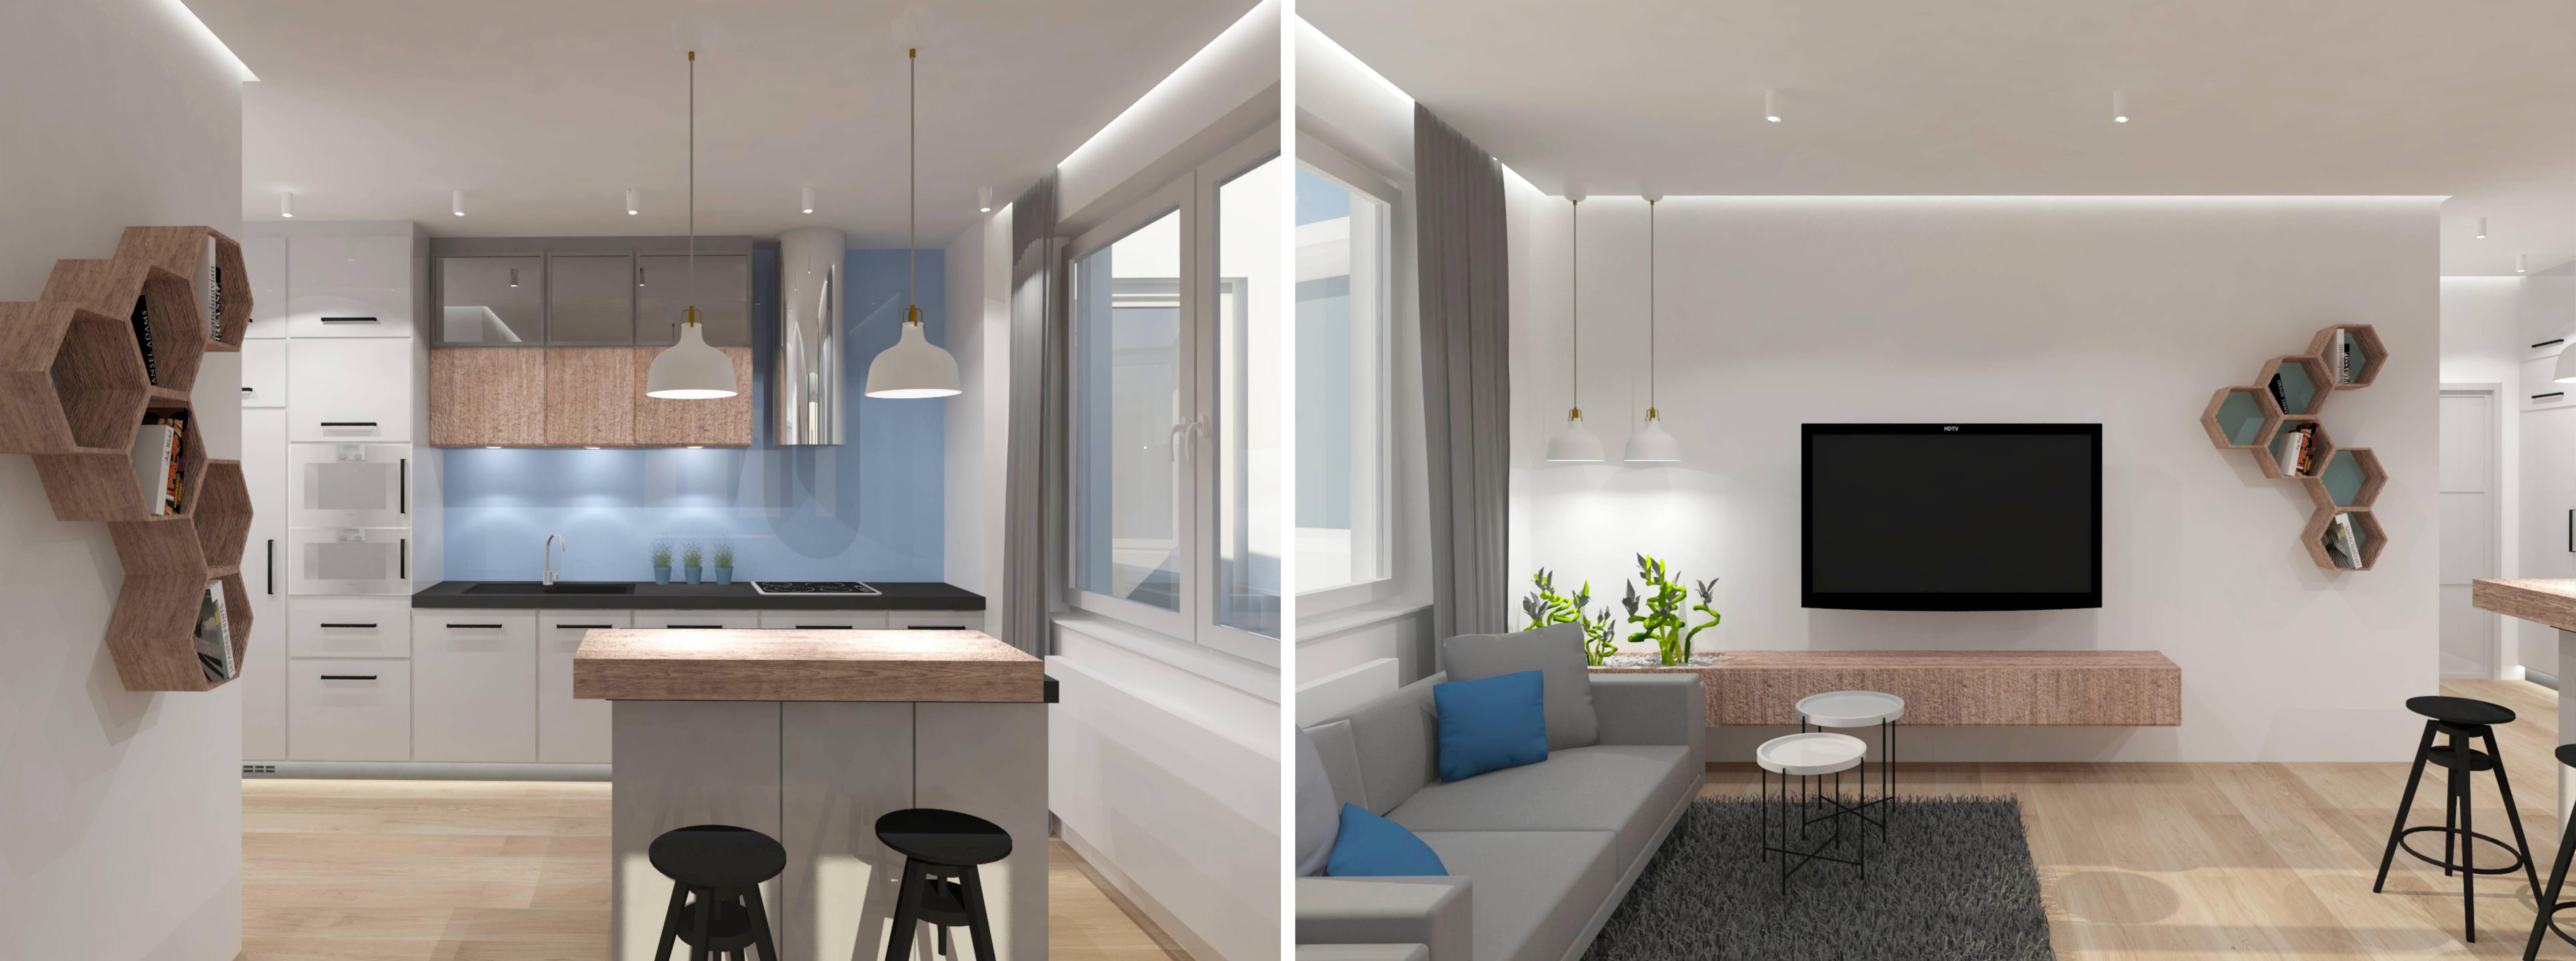 Projektowanie wnętrz - projekt kuchni i pokoju dziennego